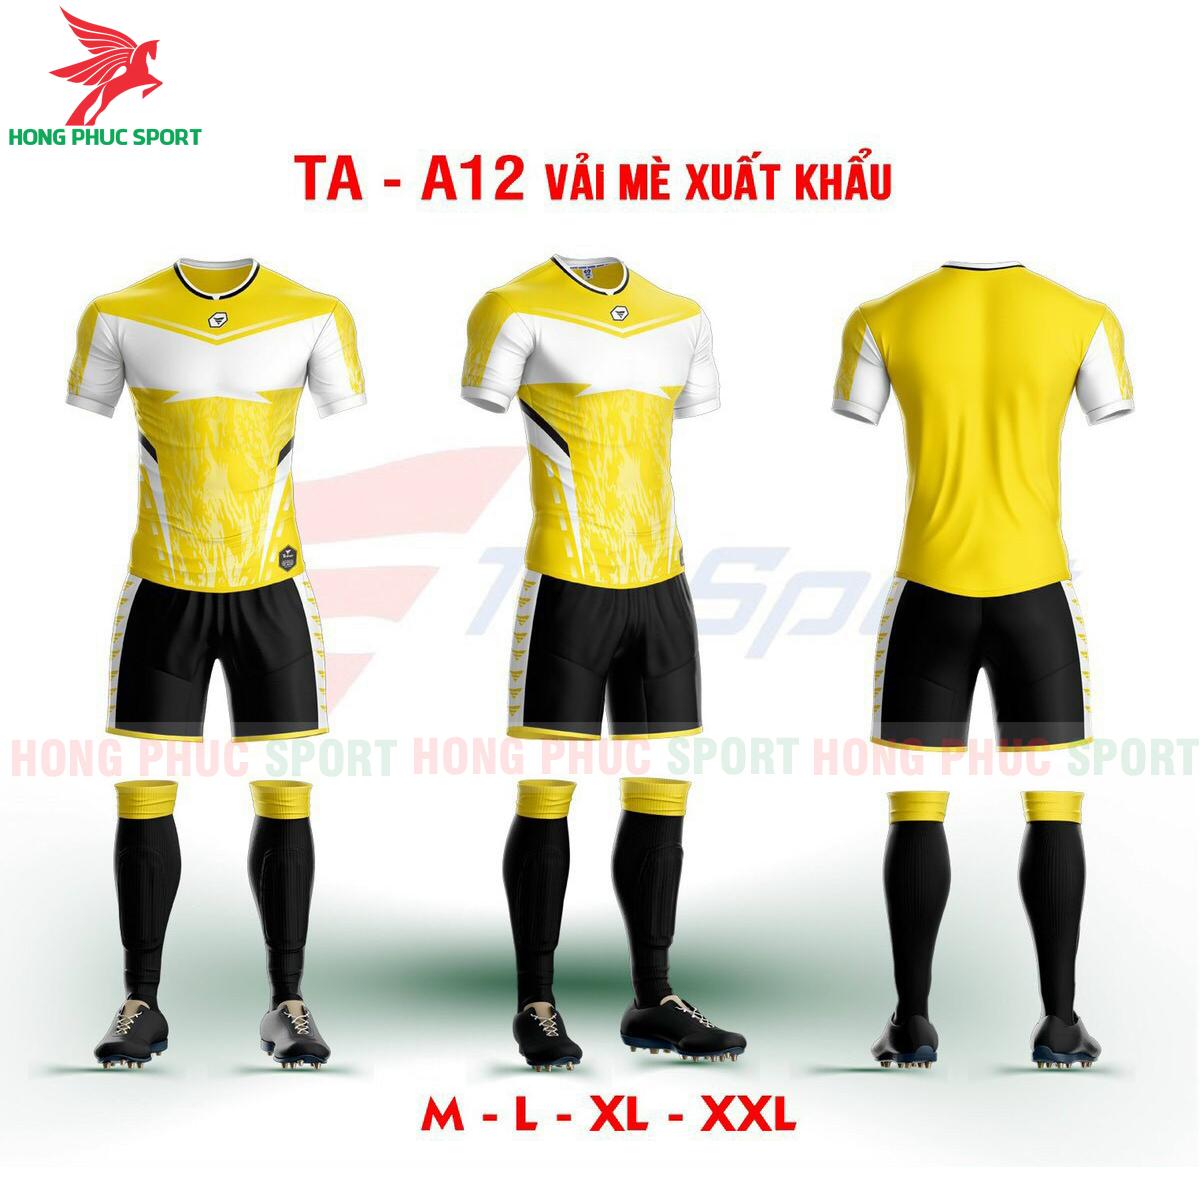 Áo bóng đá không logo TA-A12màu Vàng